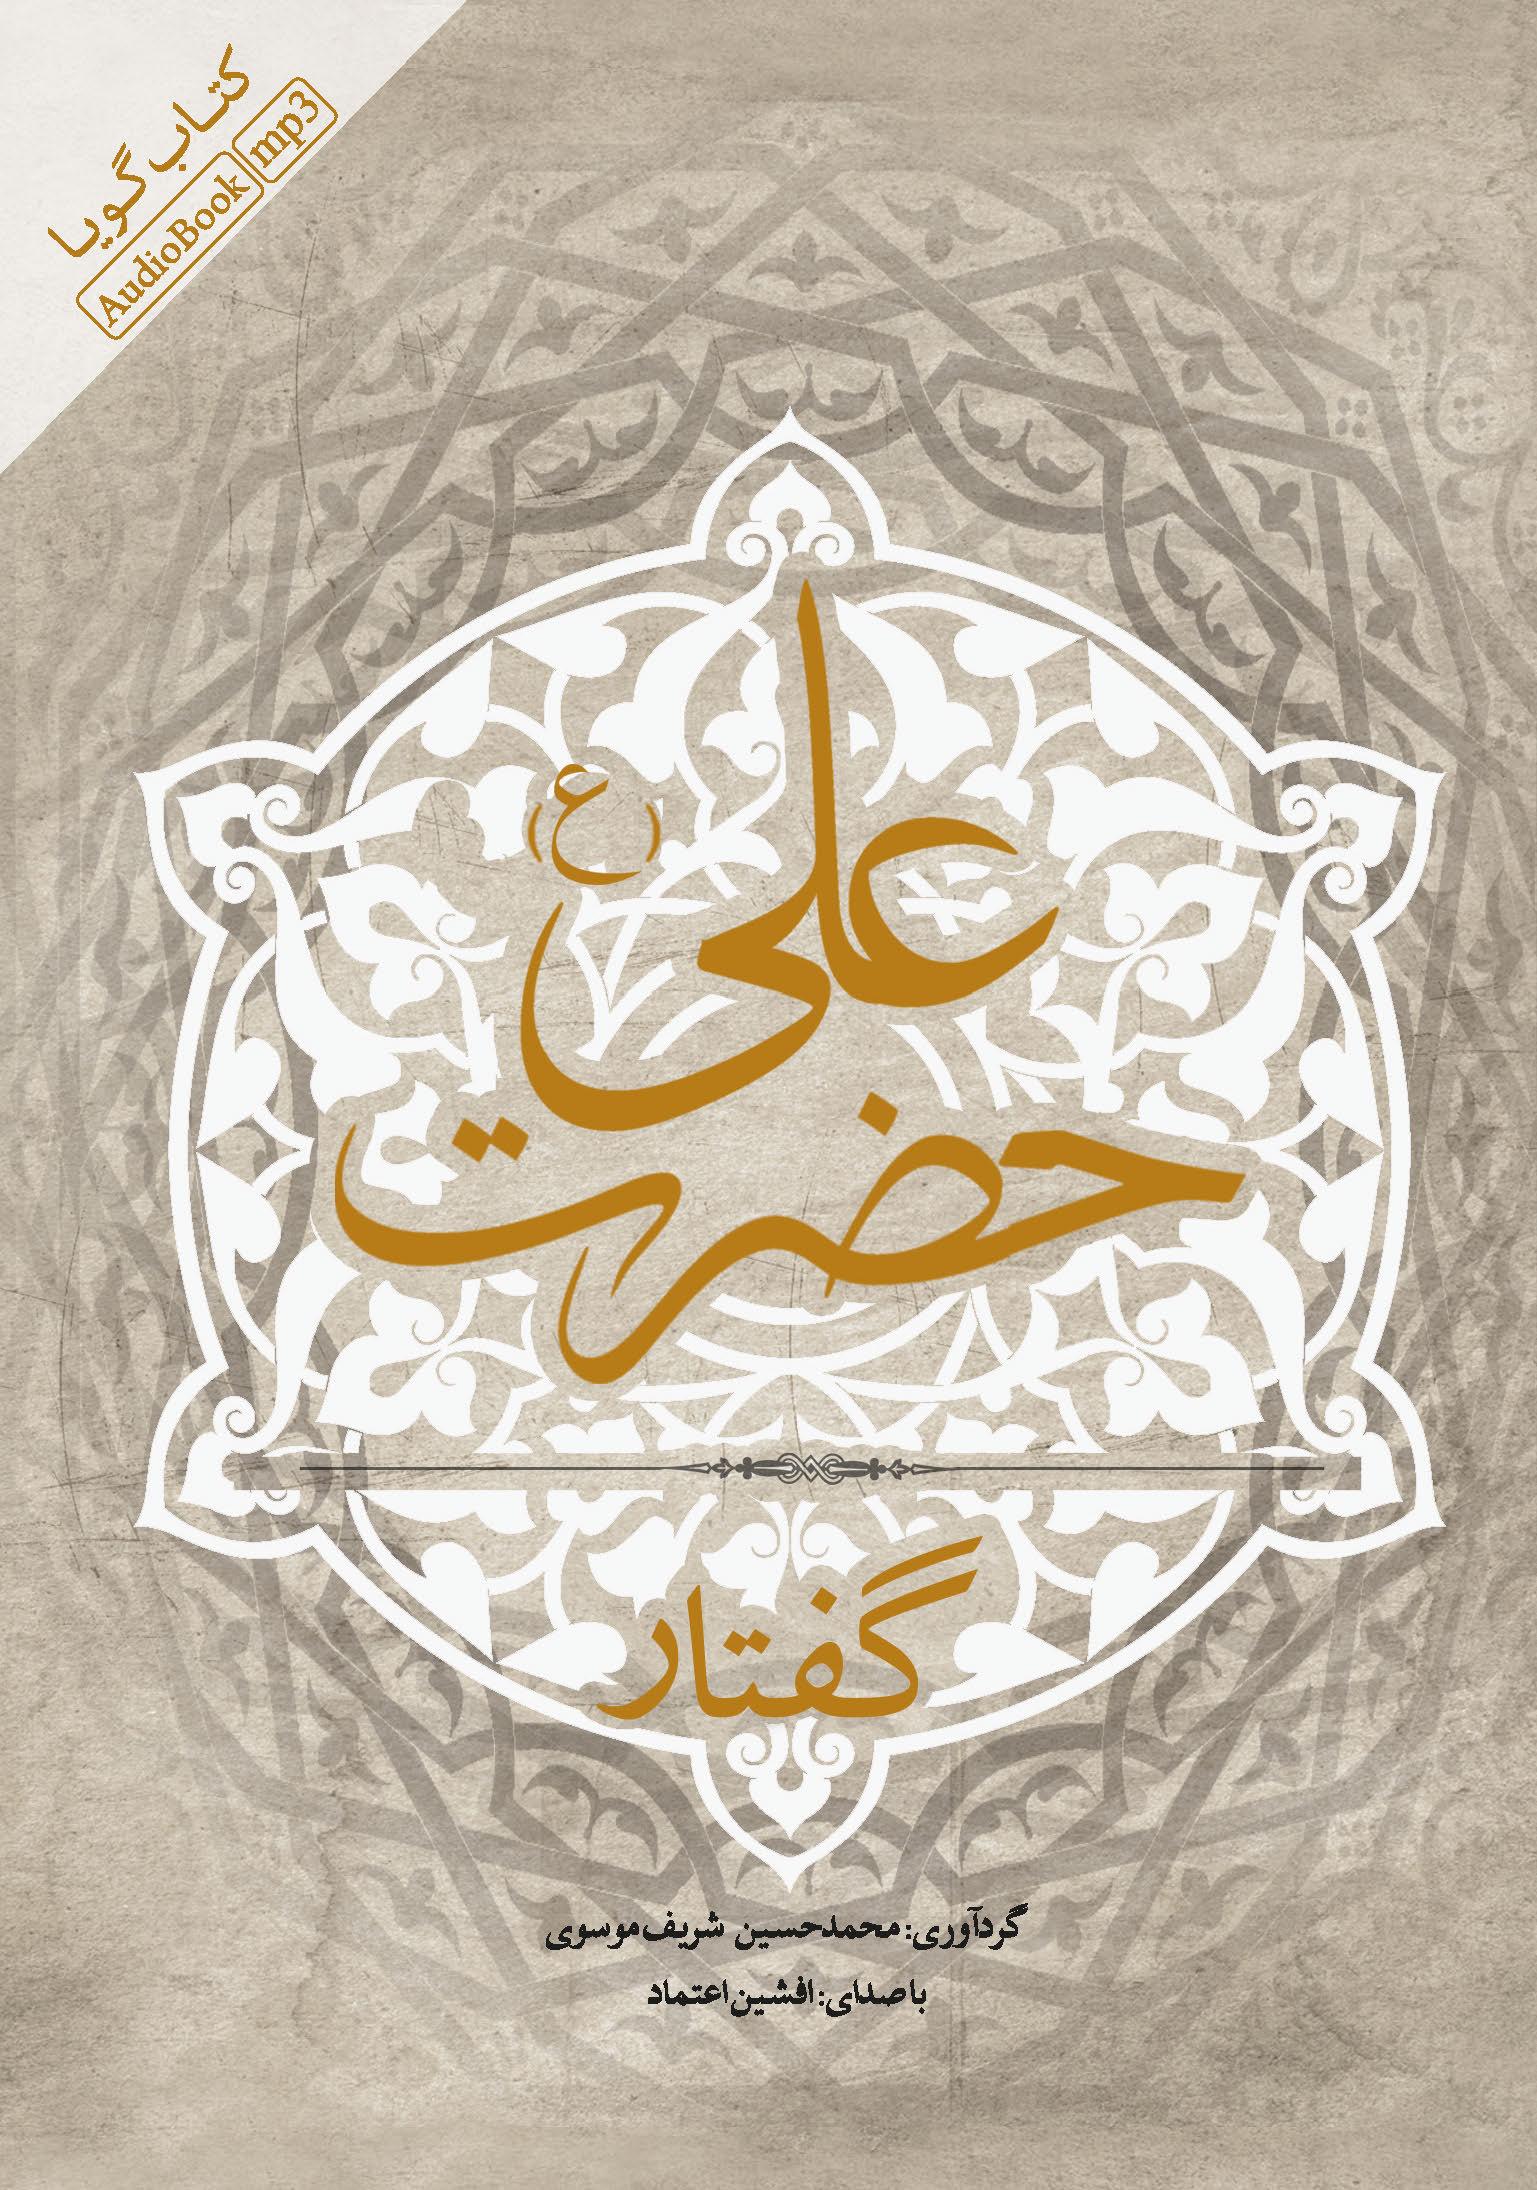 کتاب صوتی گفتار حضرت علی